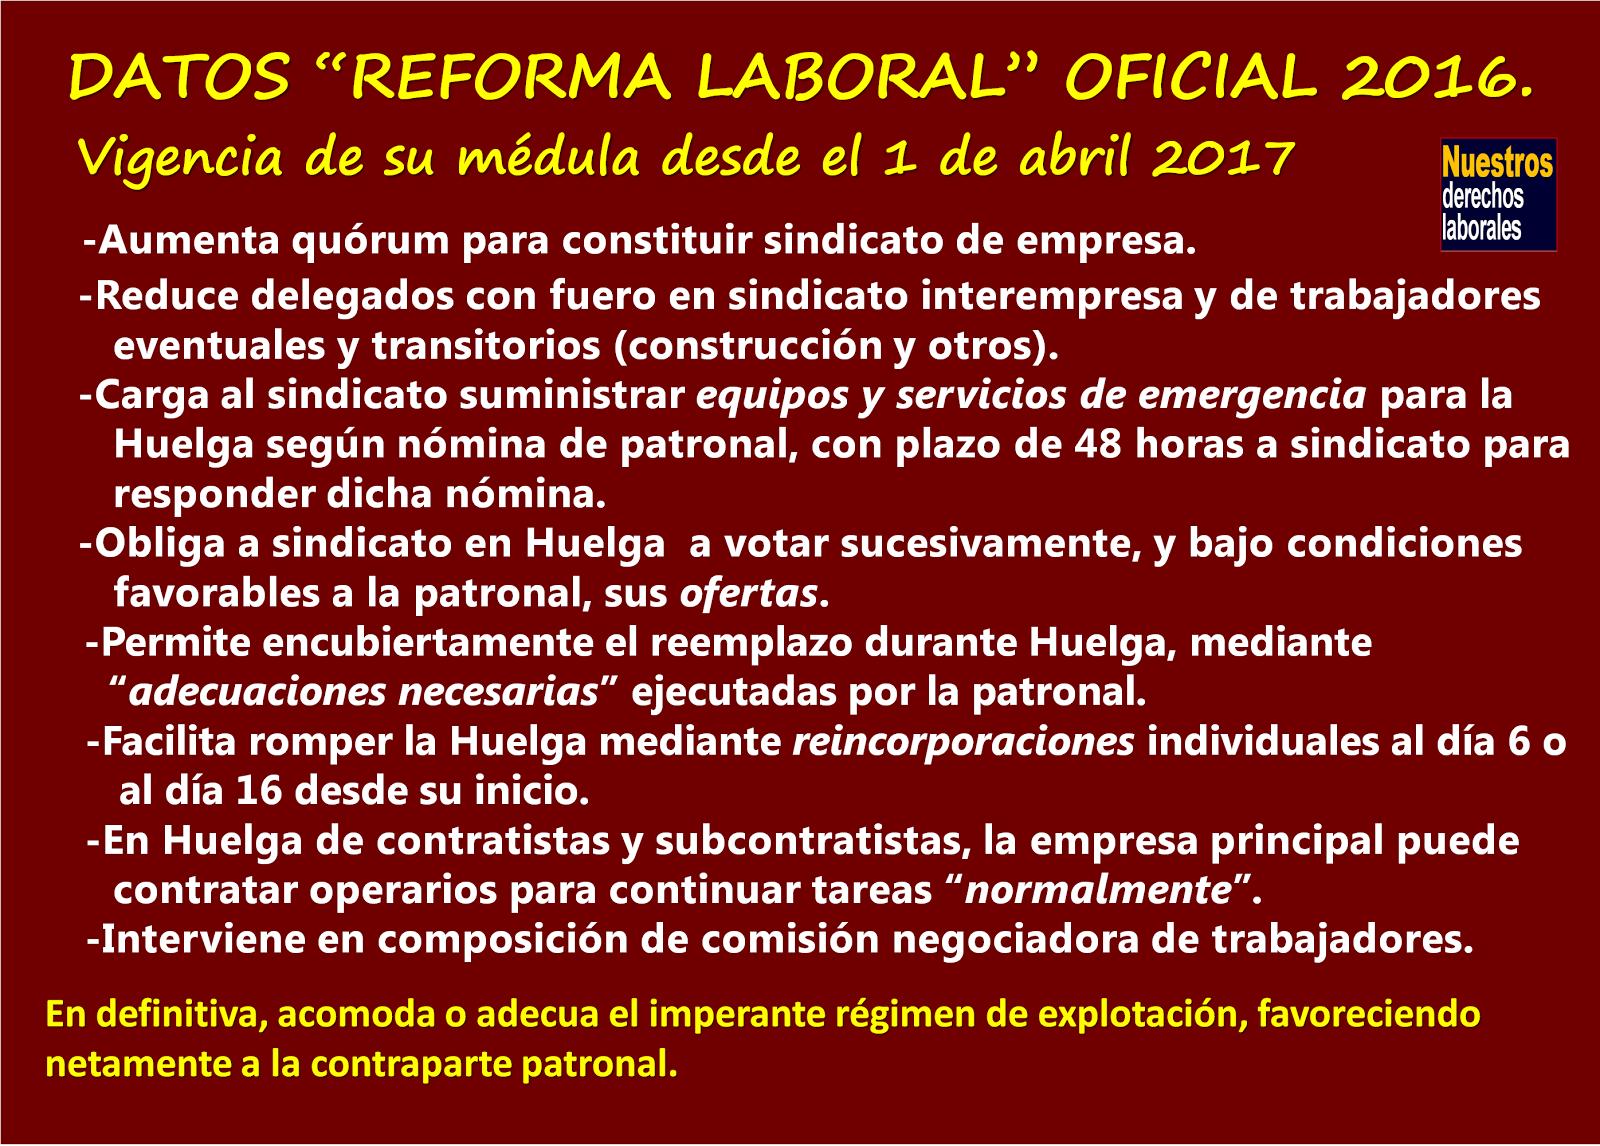 Reforma laboral oficialista, inició vigencia el 1 de abril de 2017.